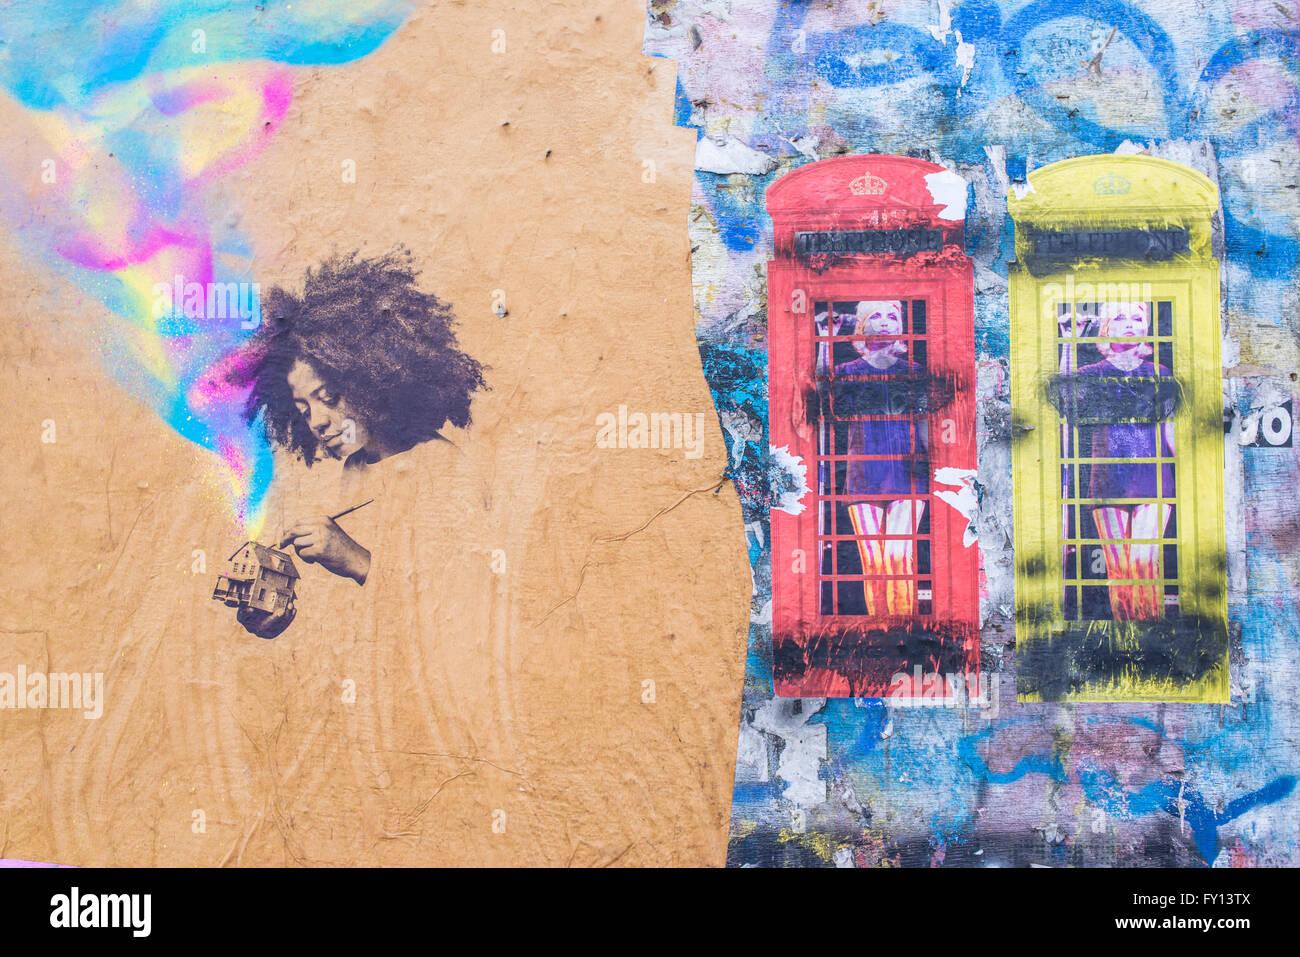 Exceptional Wandmalerei Graffiti Zeigen Ein Afro Girl Malerei Ein Spielzeug Haus Neben  Zwei Gedruckte Britische Telefonzellen Mit Einer Frau Innen Lackiert